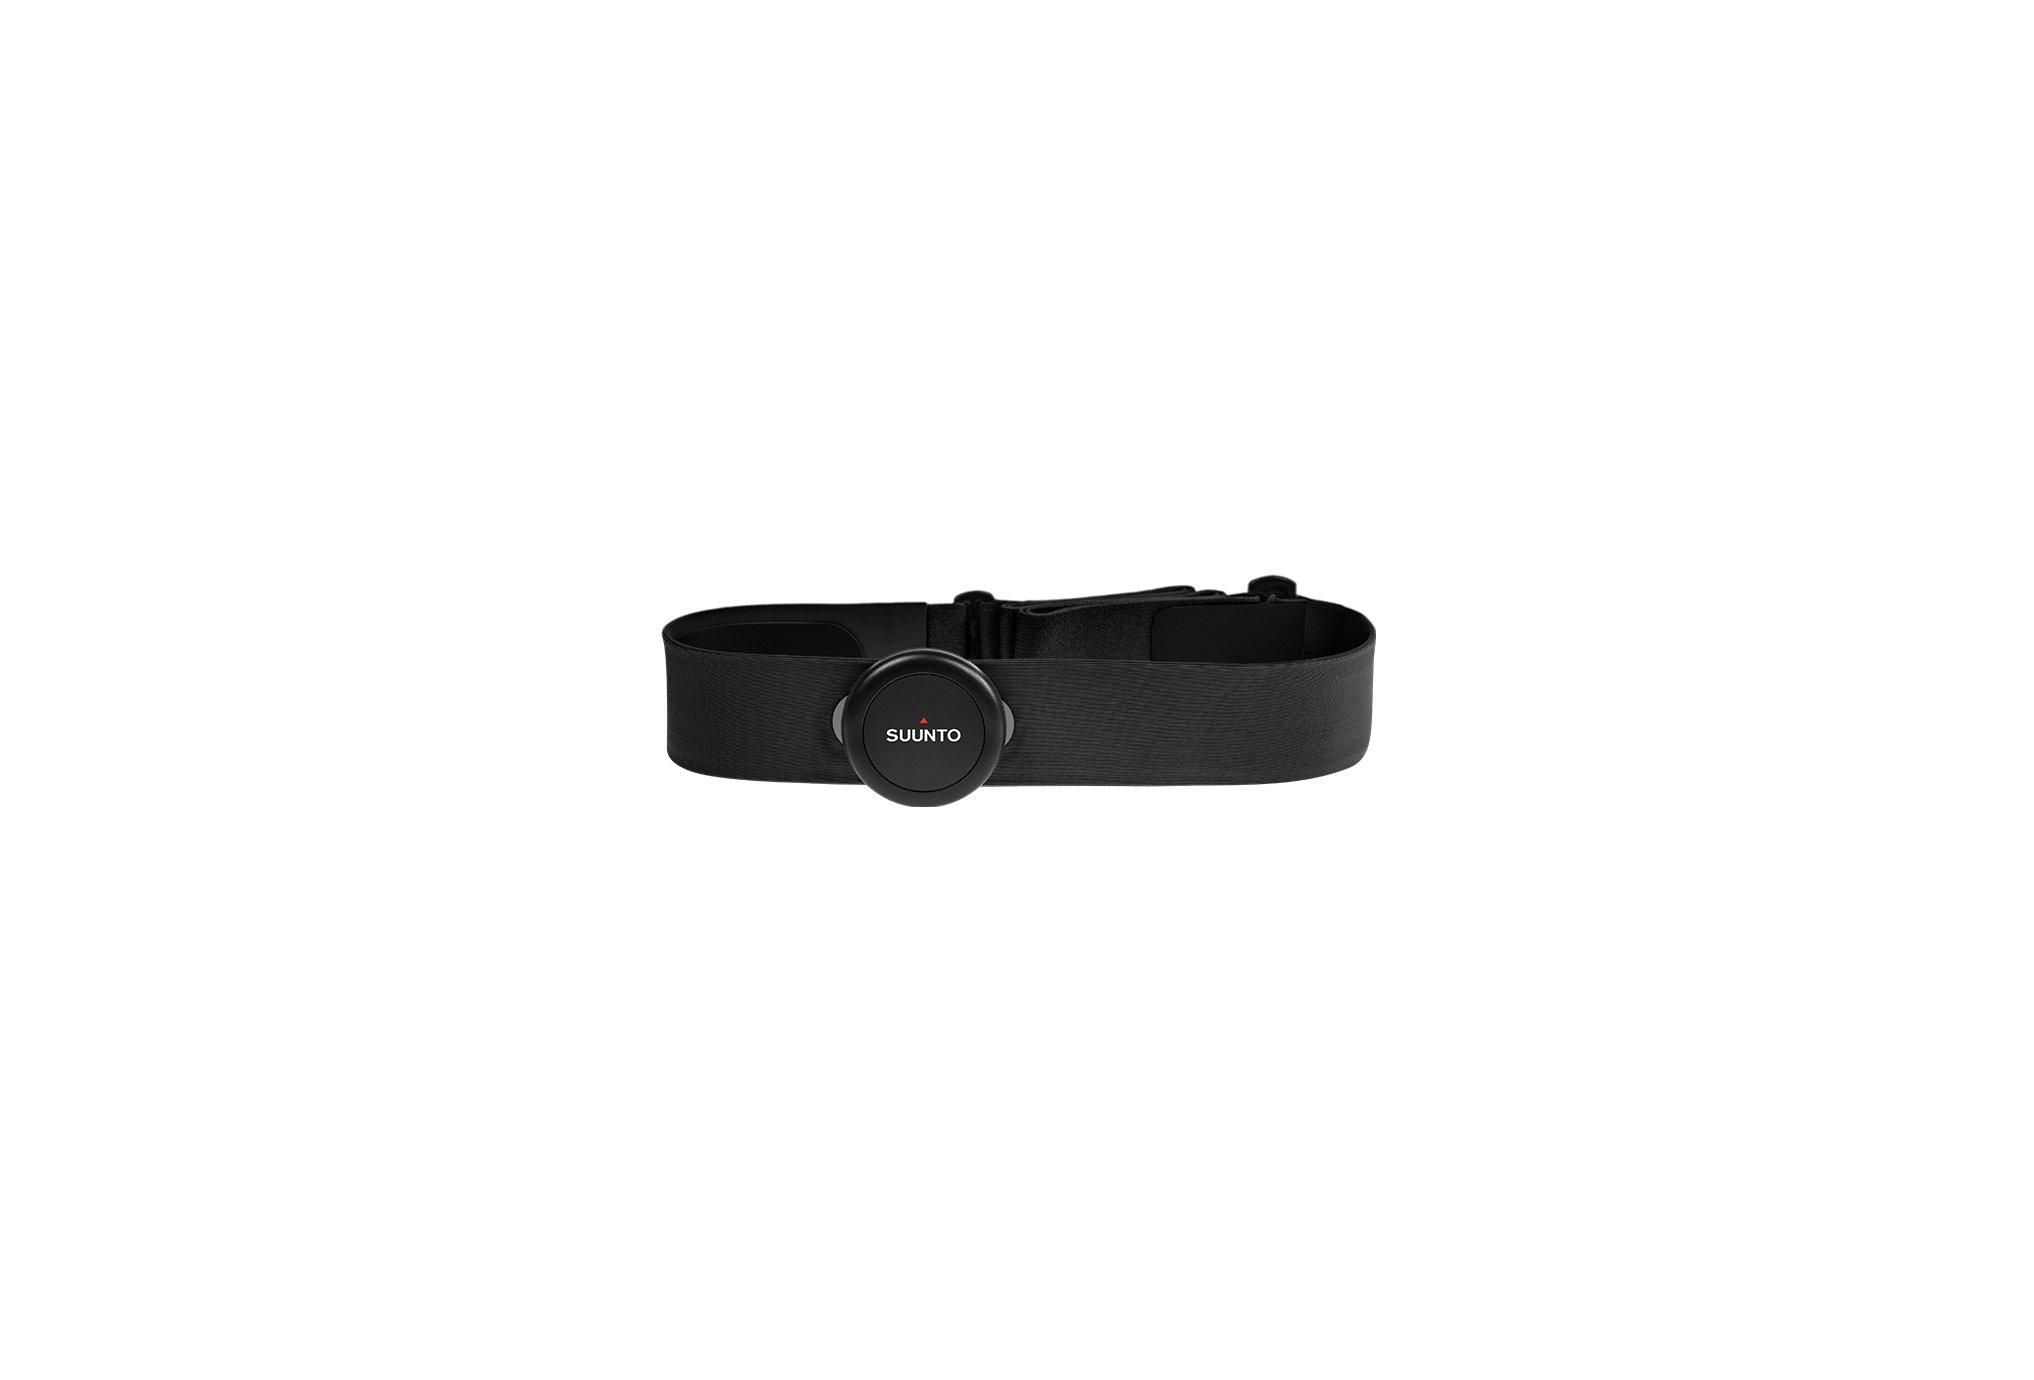 Suunto Ceinture cardio Smart Sensor HR - Taille M Accessoires montres/ Bracelets